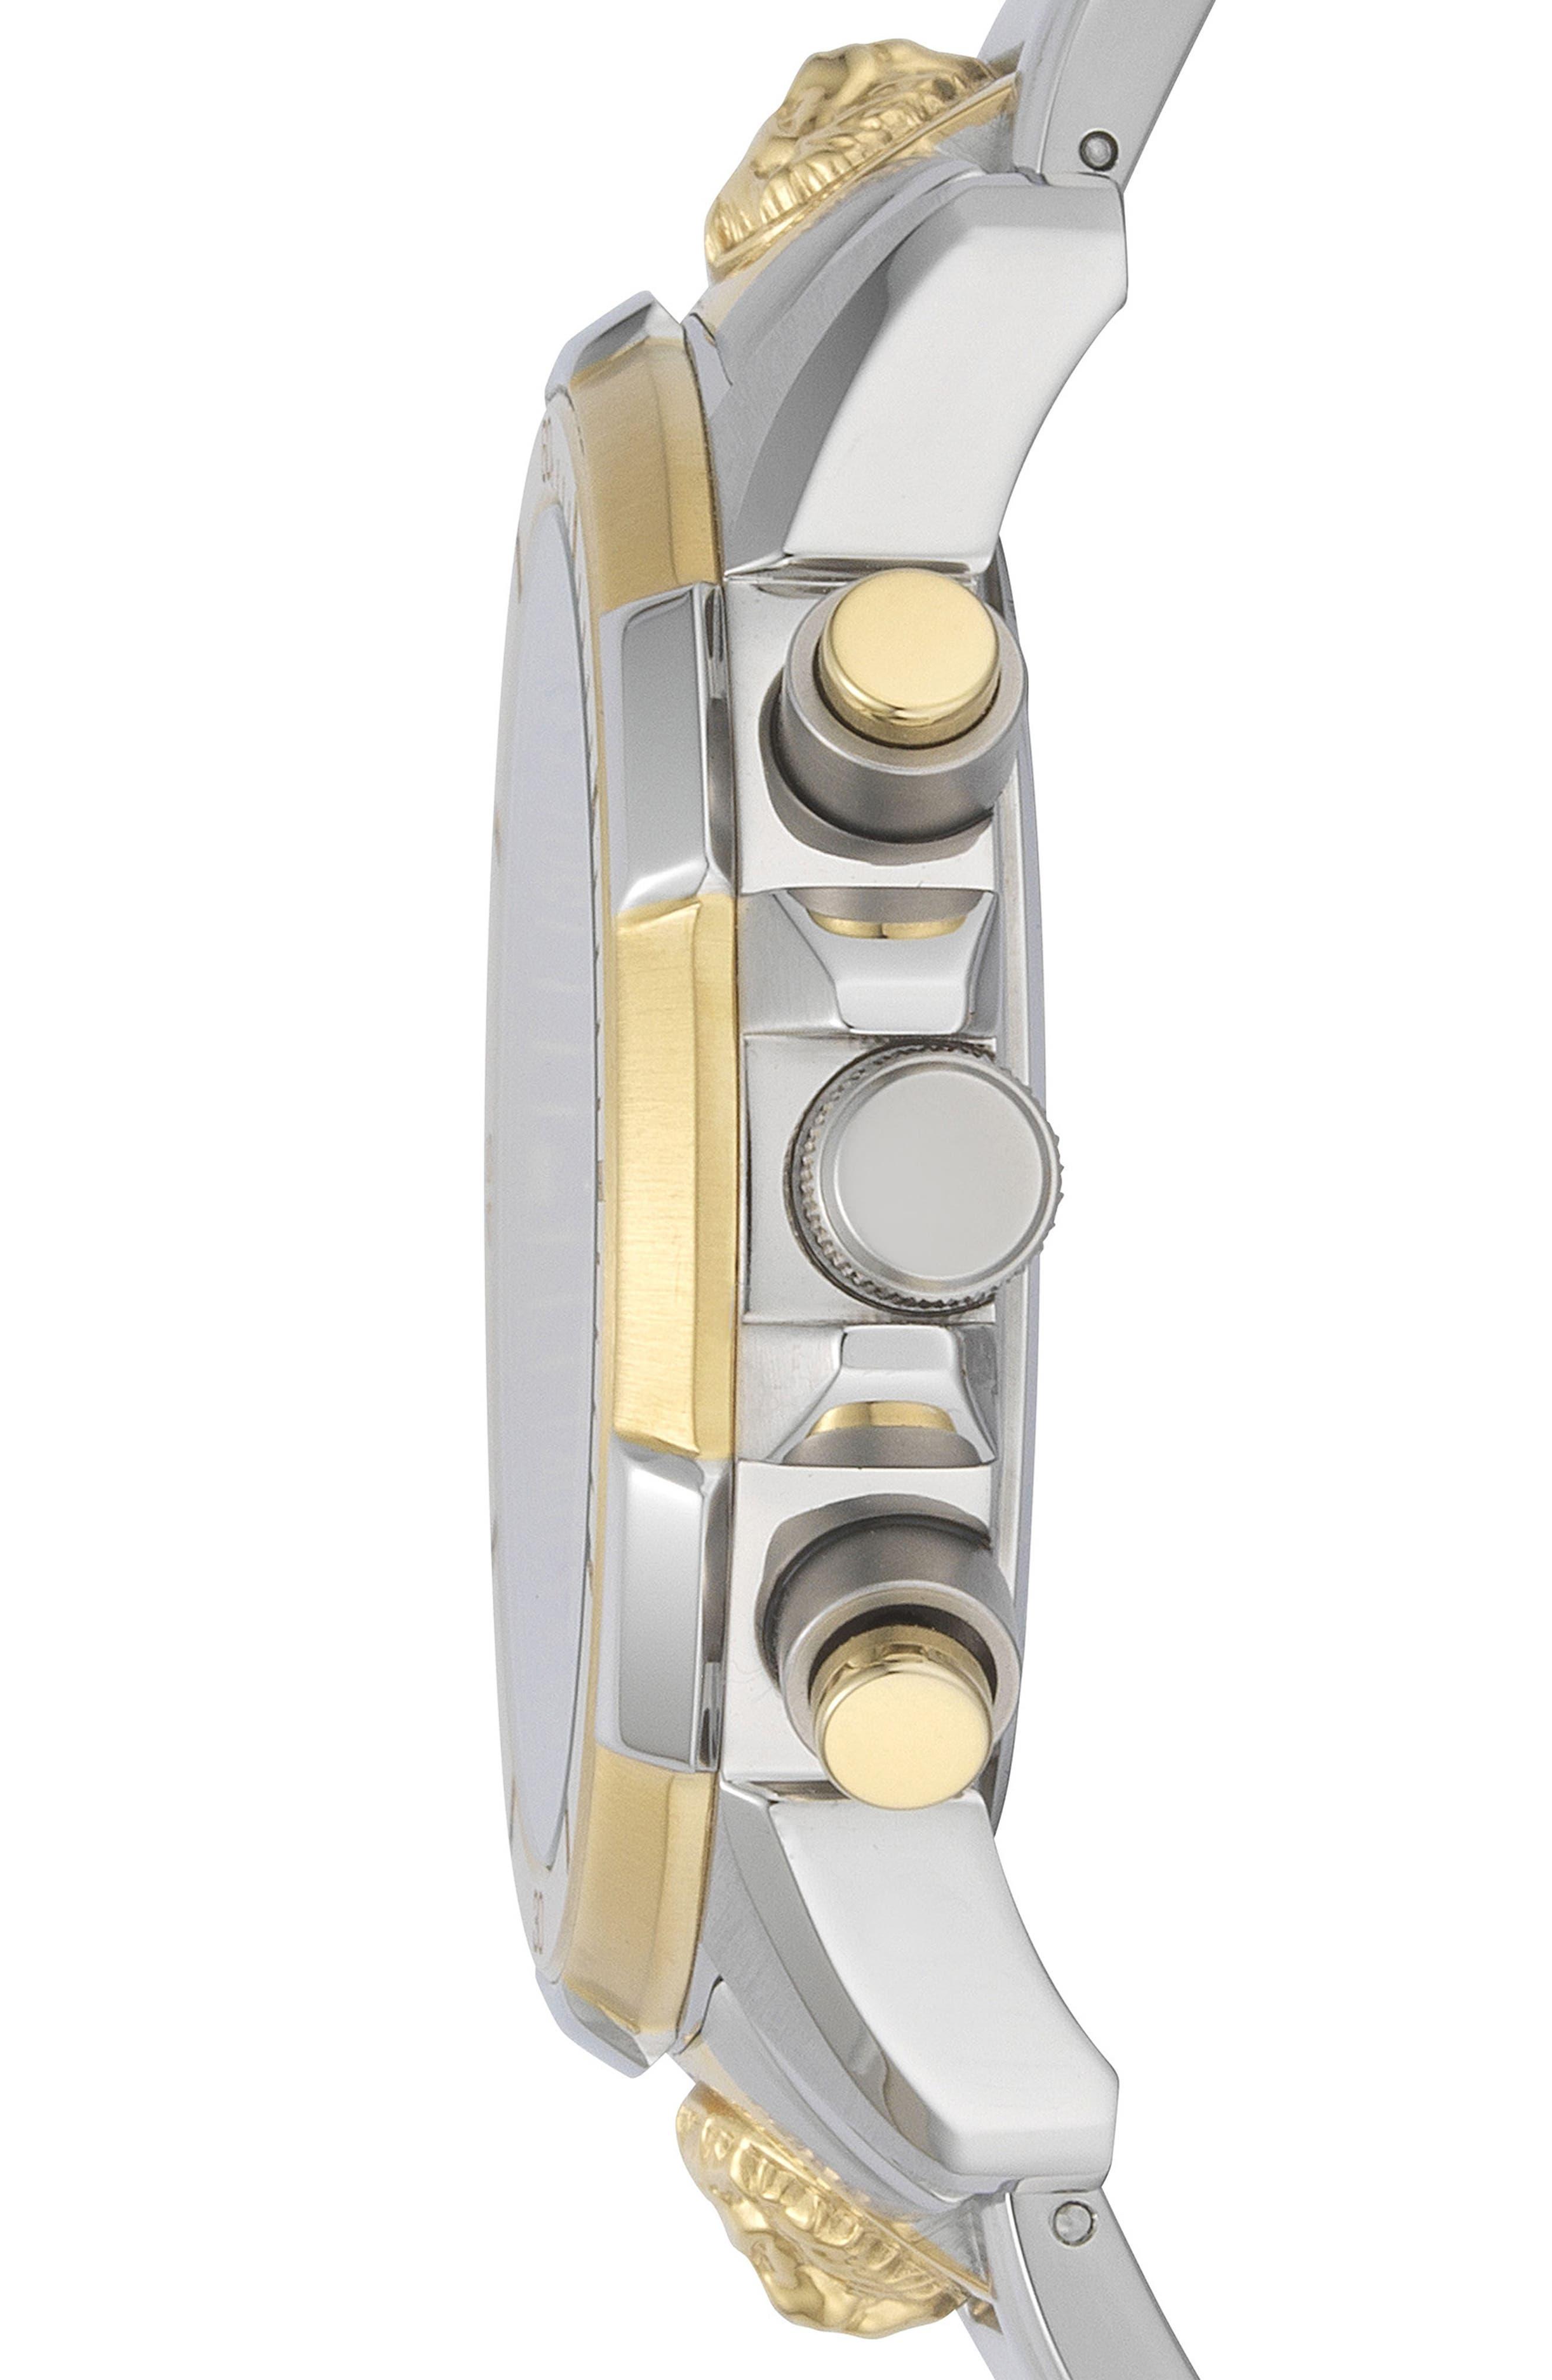 VERSUS VERSACE, Arrondissement Chronograph Bracelet Watch, 46mm, Alternate thumbnail 2, color, SILVER/ BLUE/ GOLD